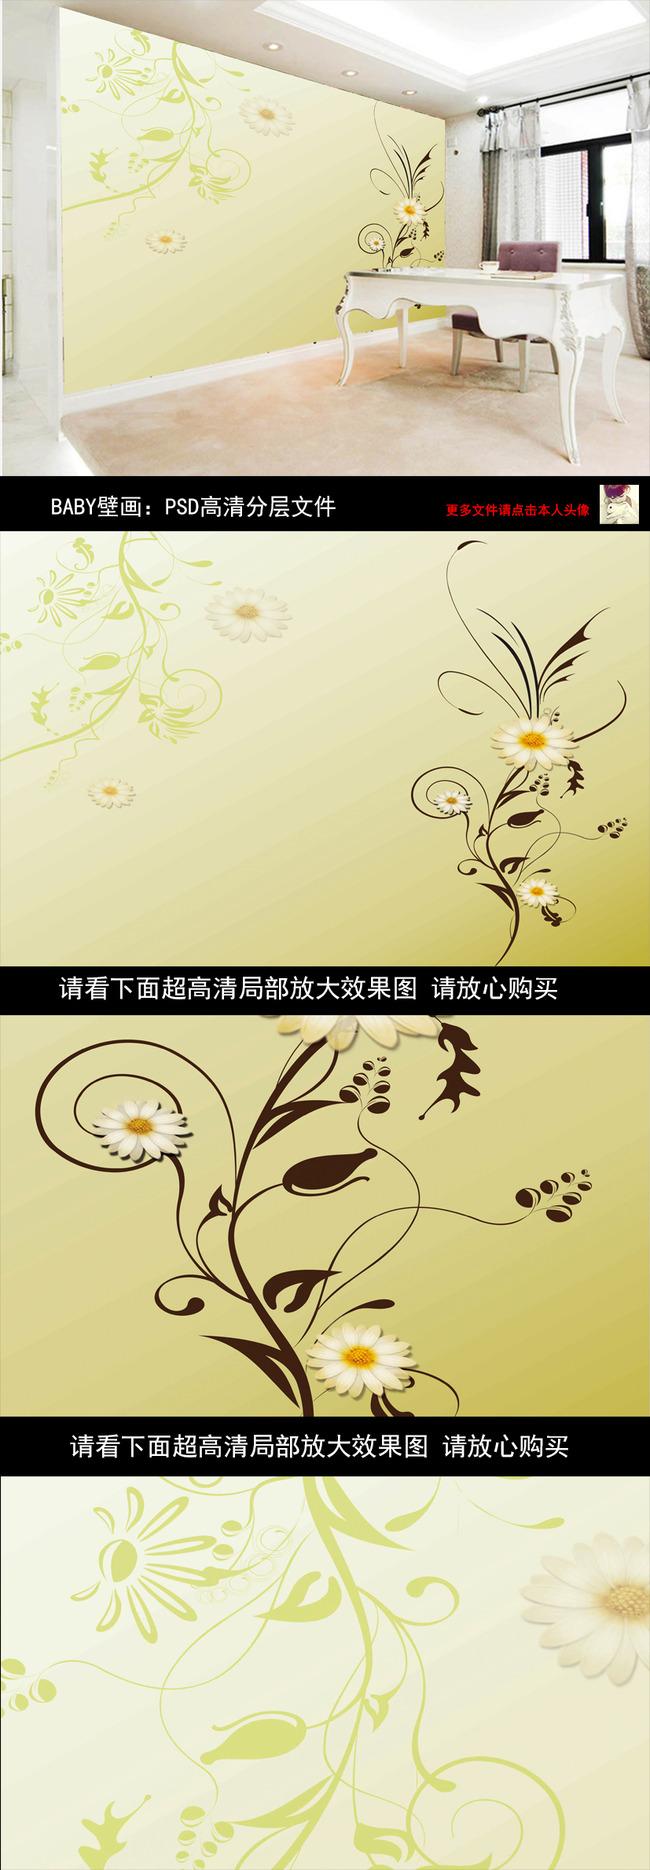 简约手绘黄色藤蔓花背景墙